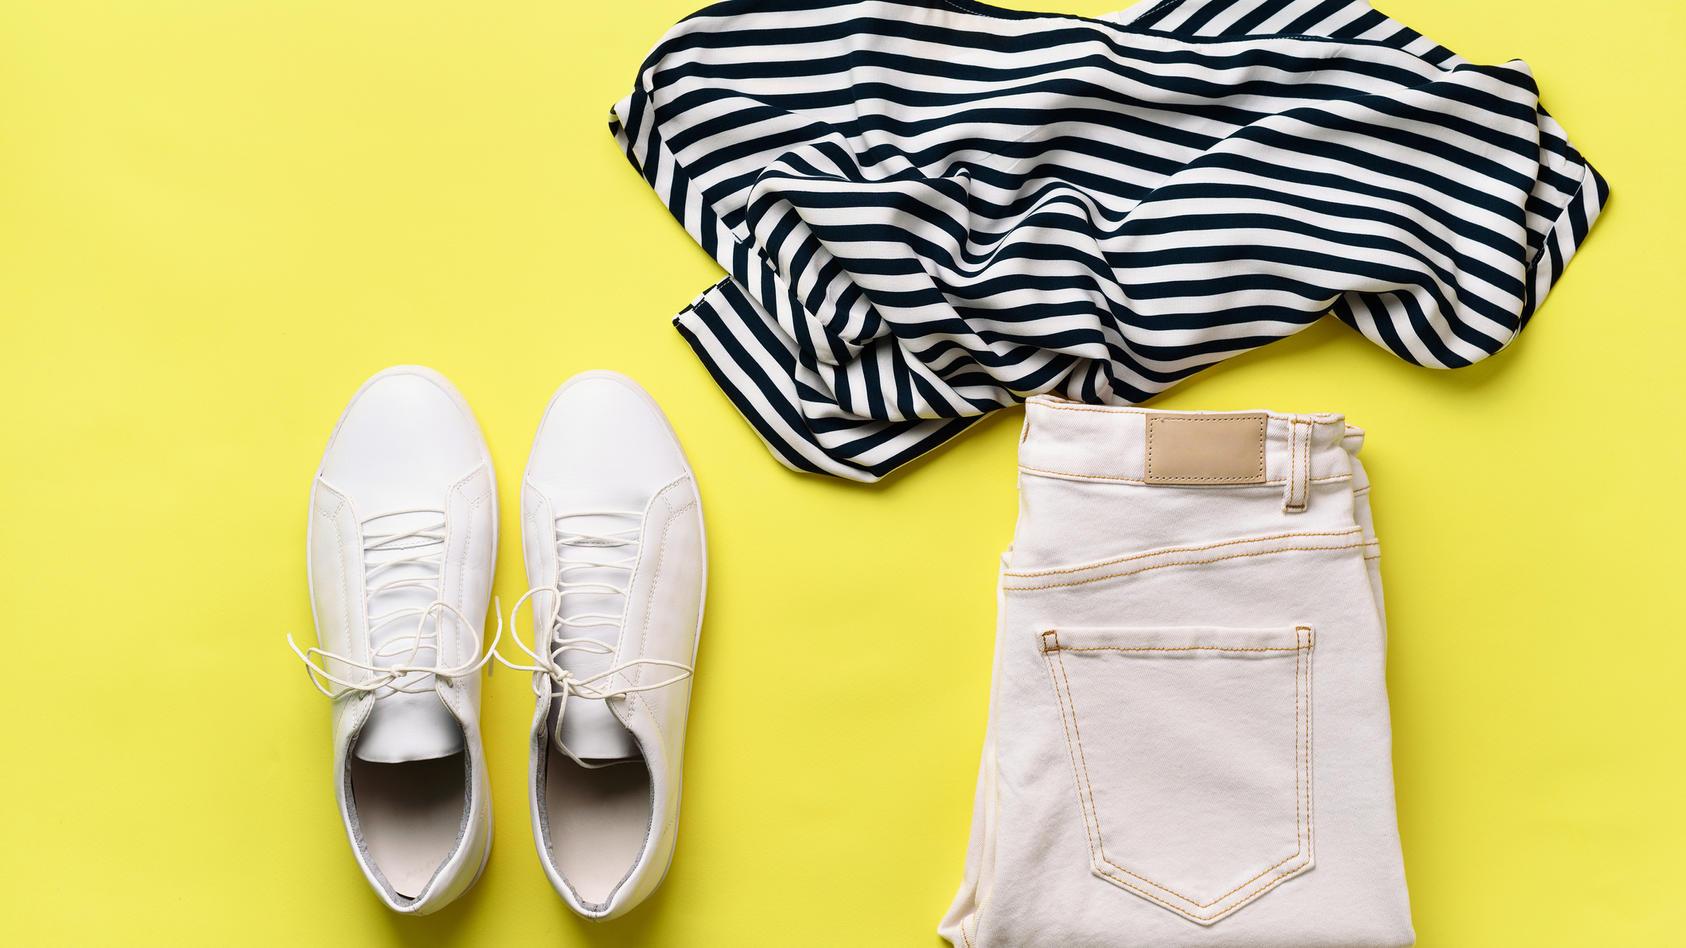 Die Kleiderschrank-Methode gegen Stress: Mit der Capsule Wardrobe wissen Sie immer, was Sie anziehen sollen.